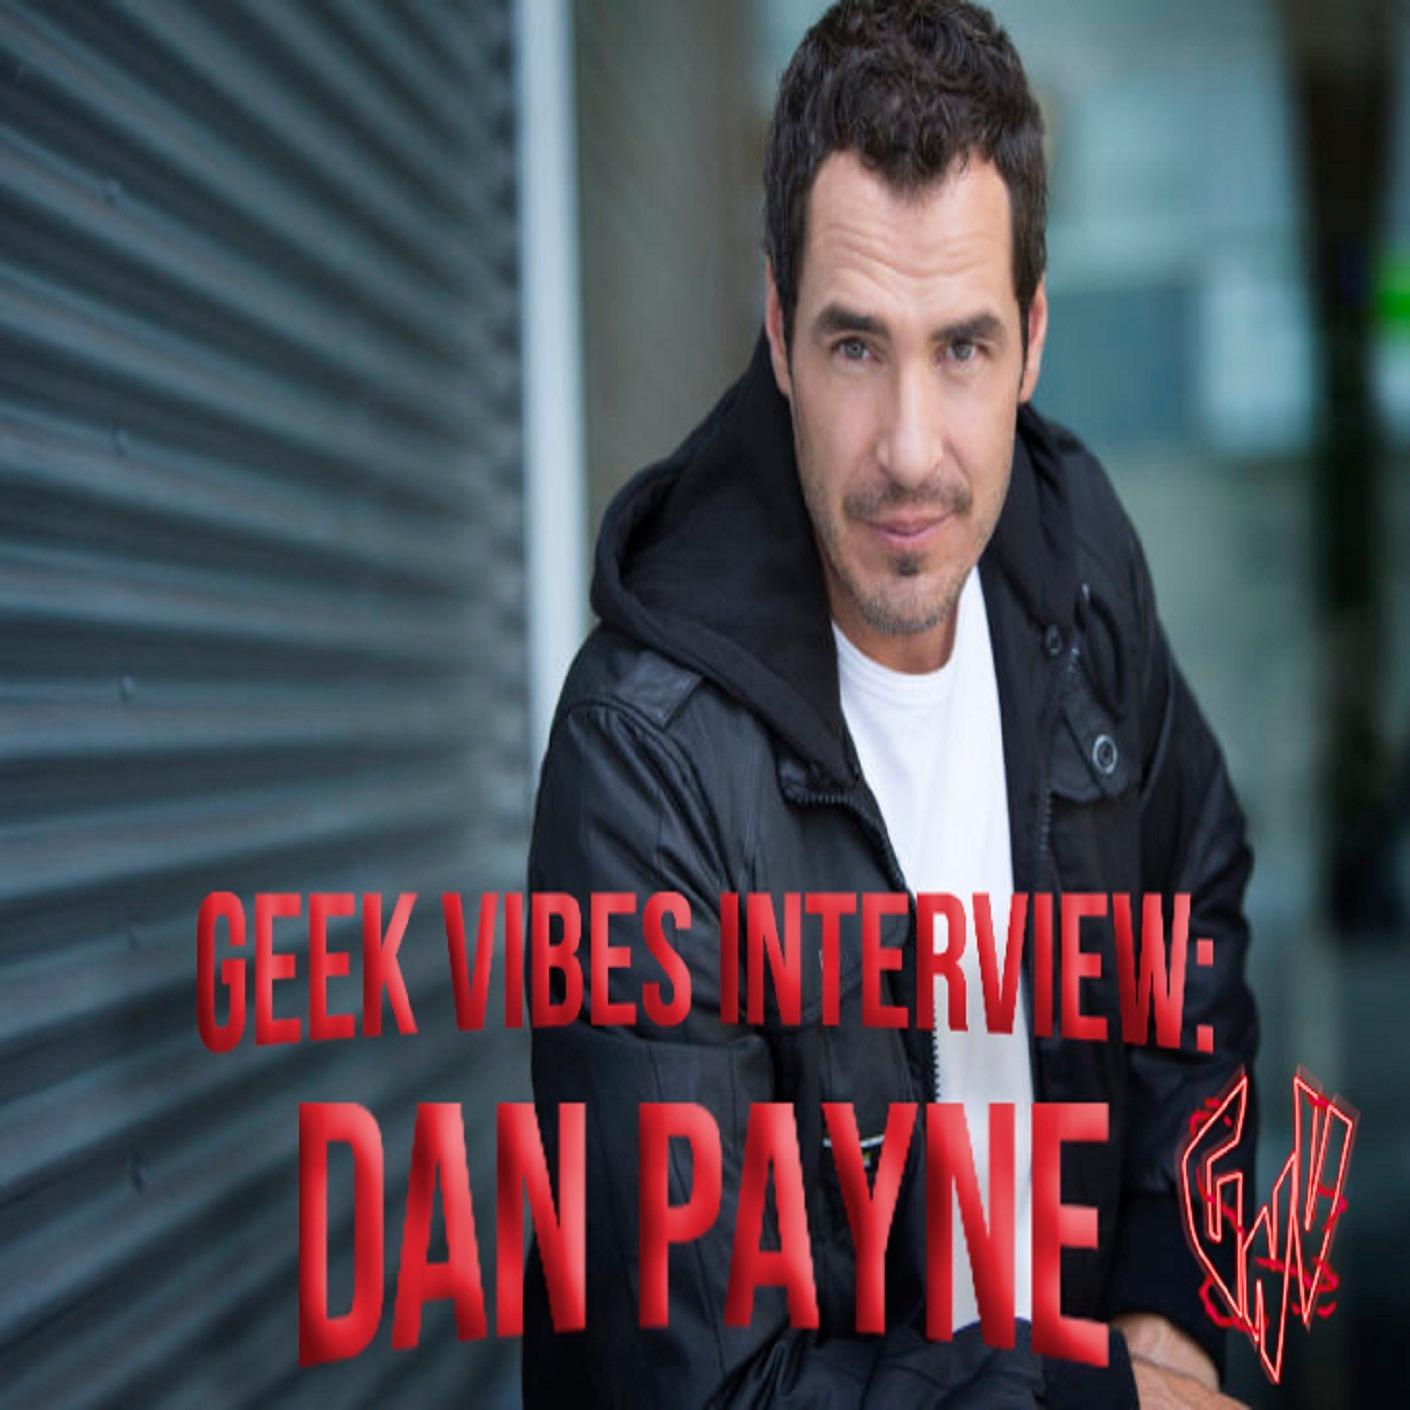 Geek Vibes Interview: Dan Payne